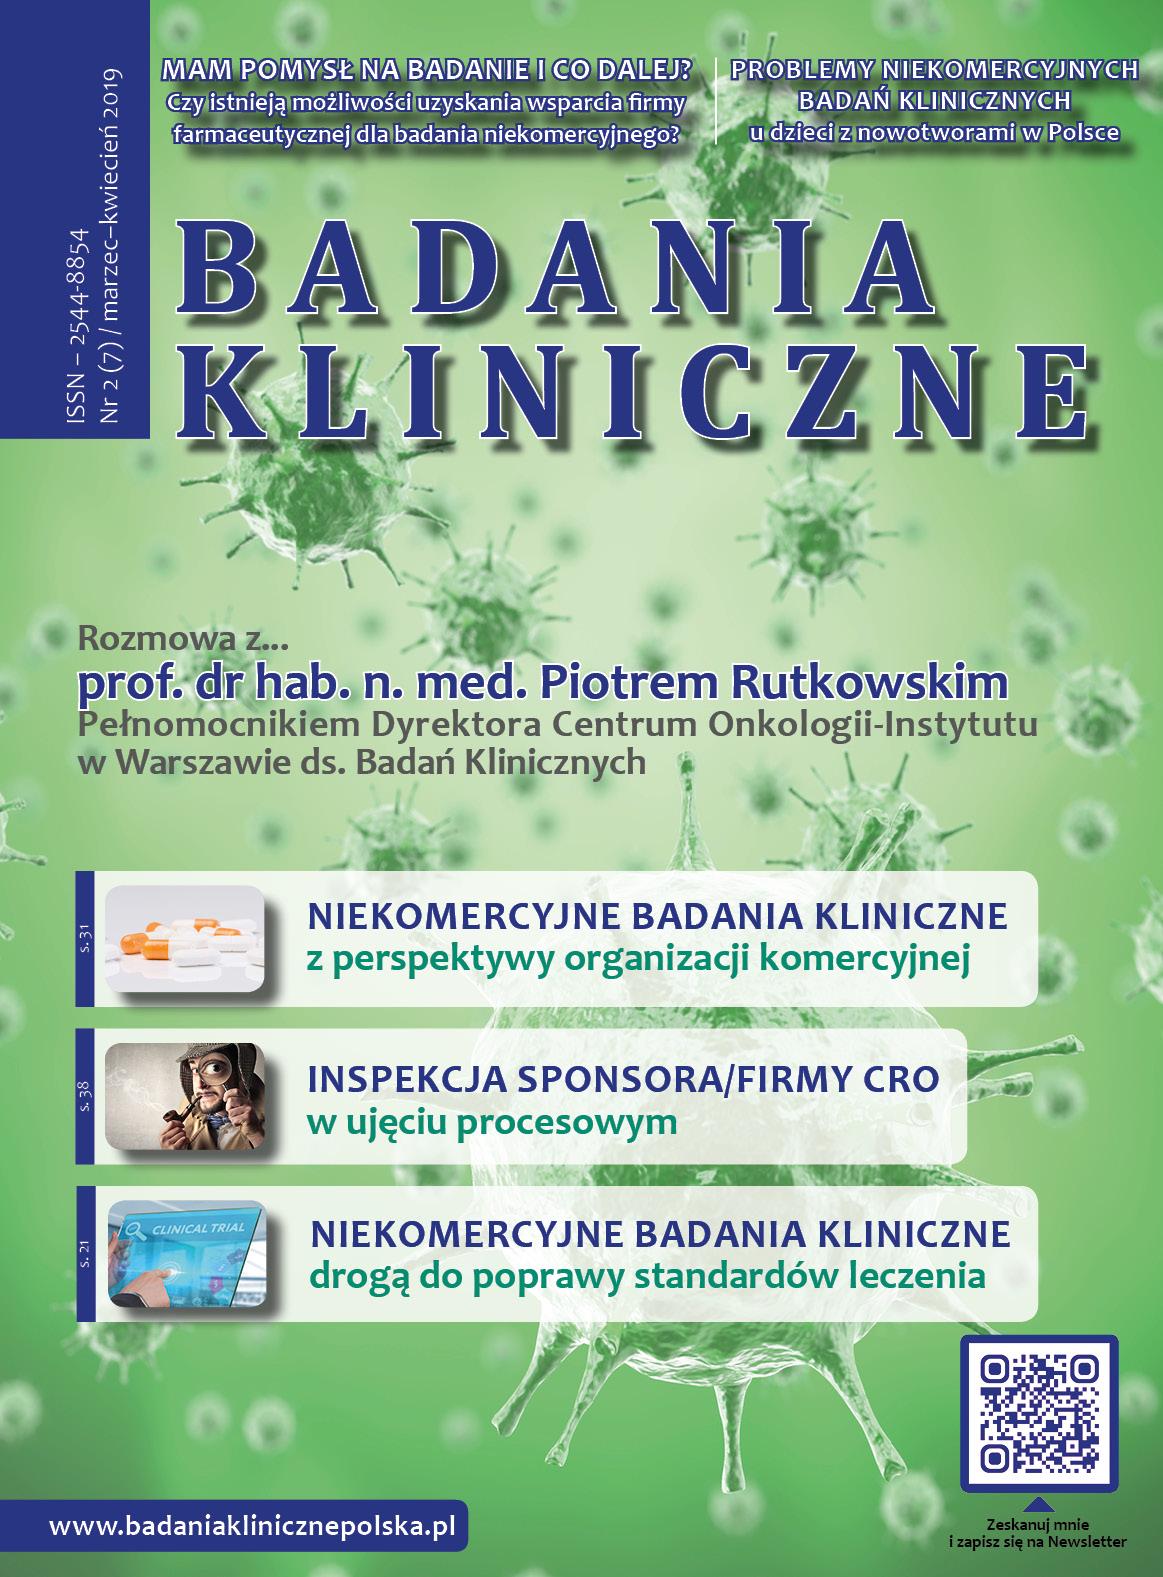 """okladka e Badania Kliniczne 2 2019 - Magazyn """"Badania Kliniczne"""""""